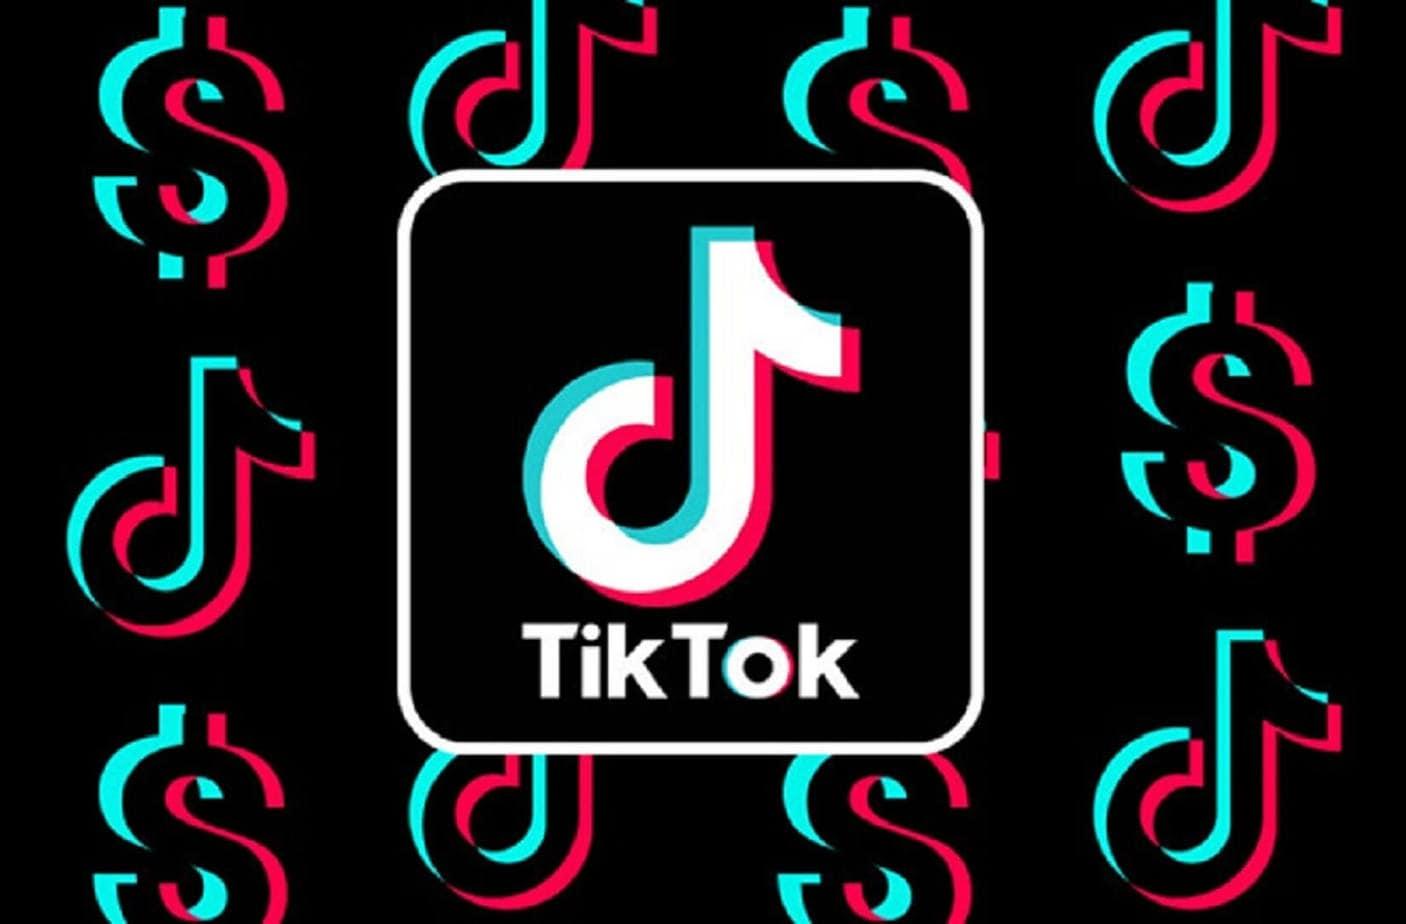 TikTok stars in USA got a judge to block Trump's TikTok ban